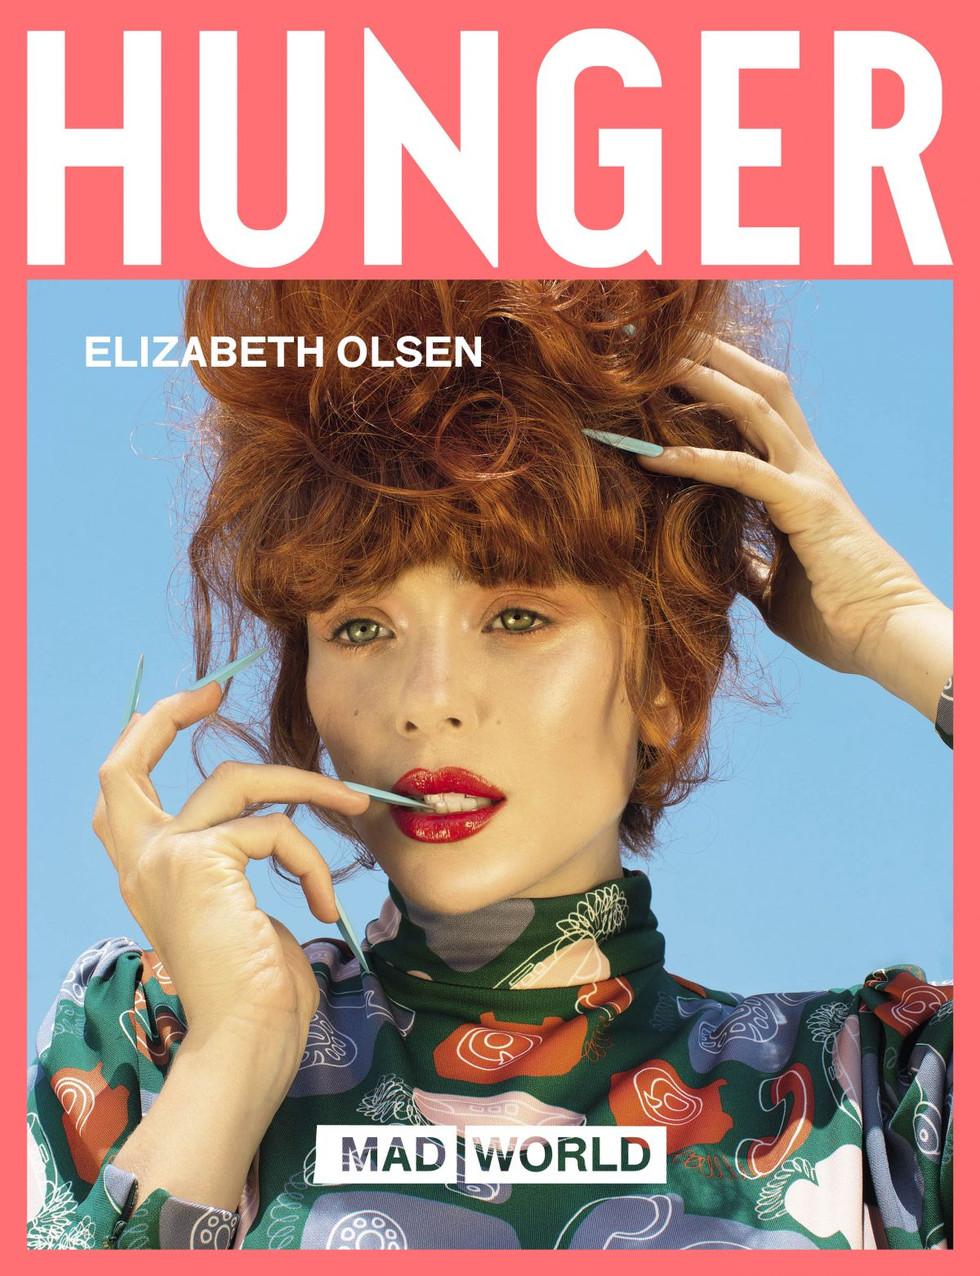 Elizabeth Olsen for Hunger Mag photo by Nadia Lee